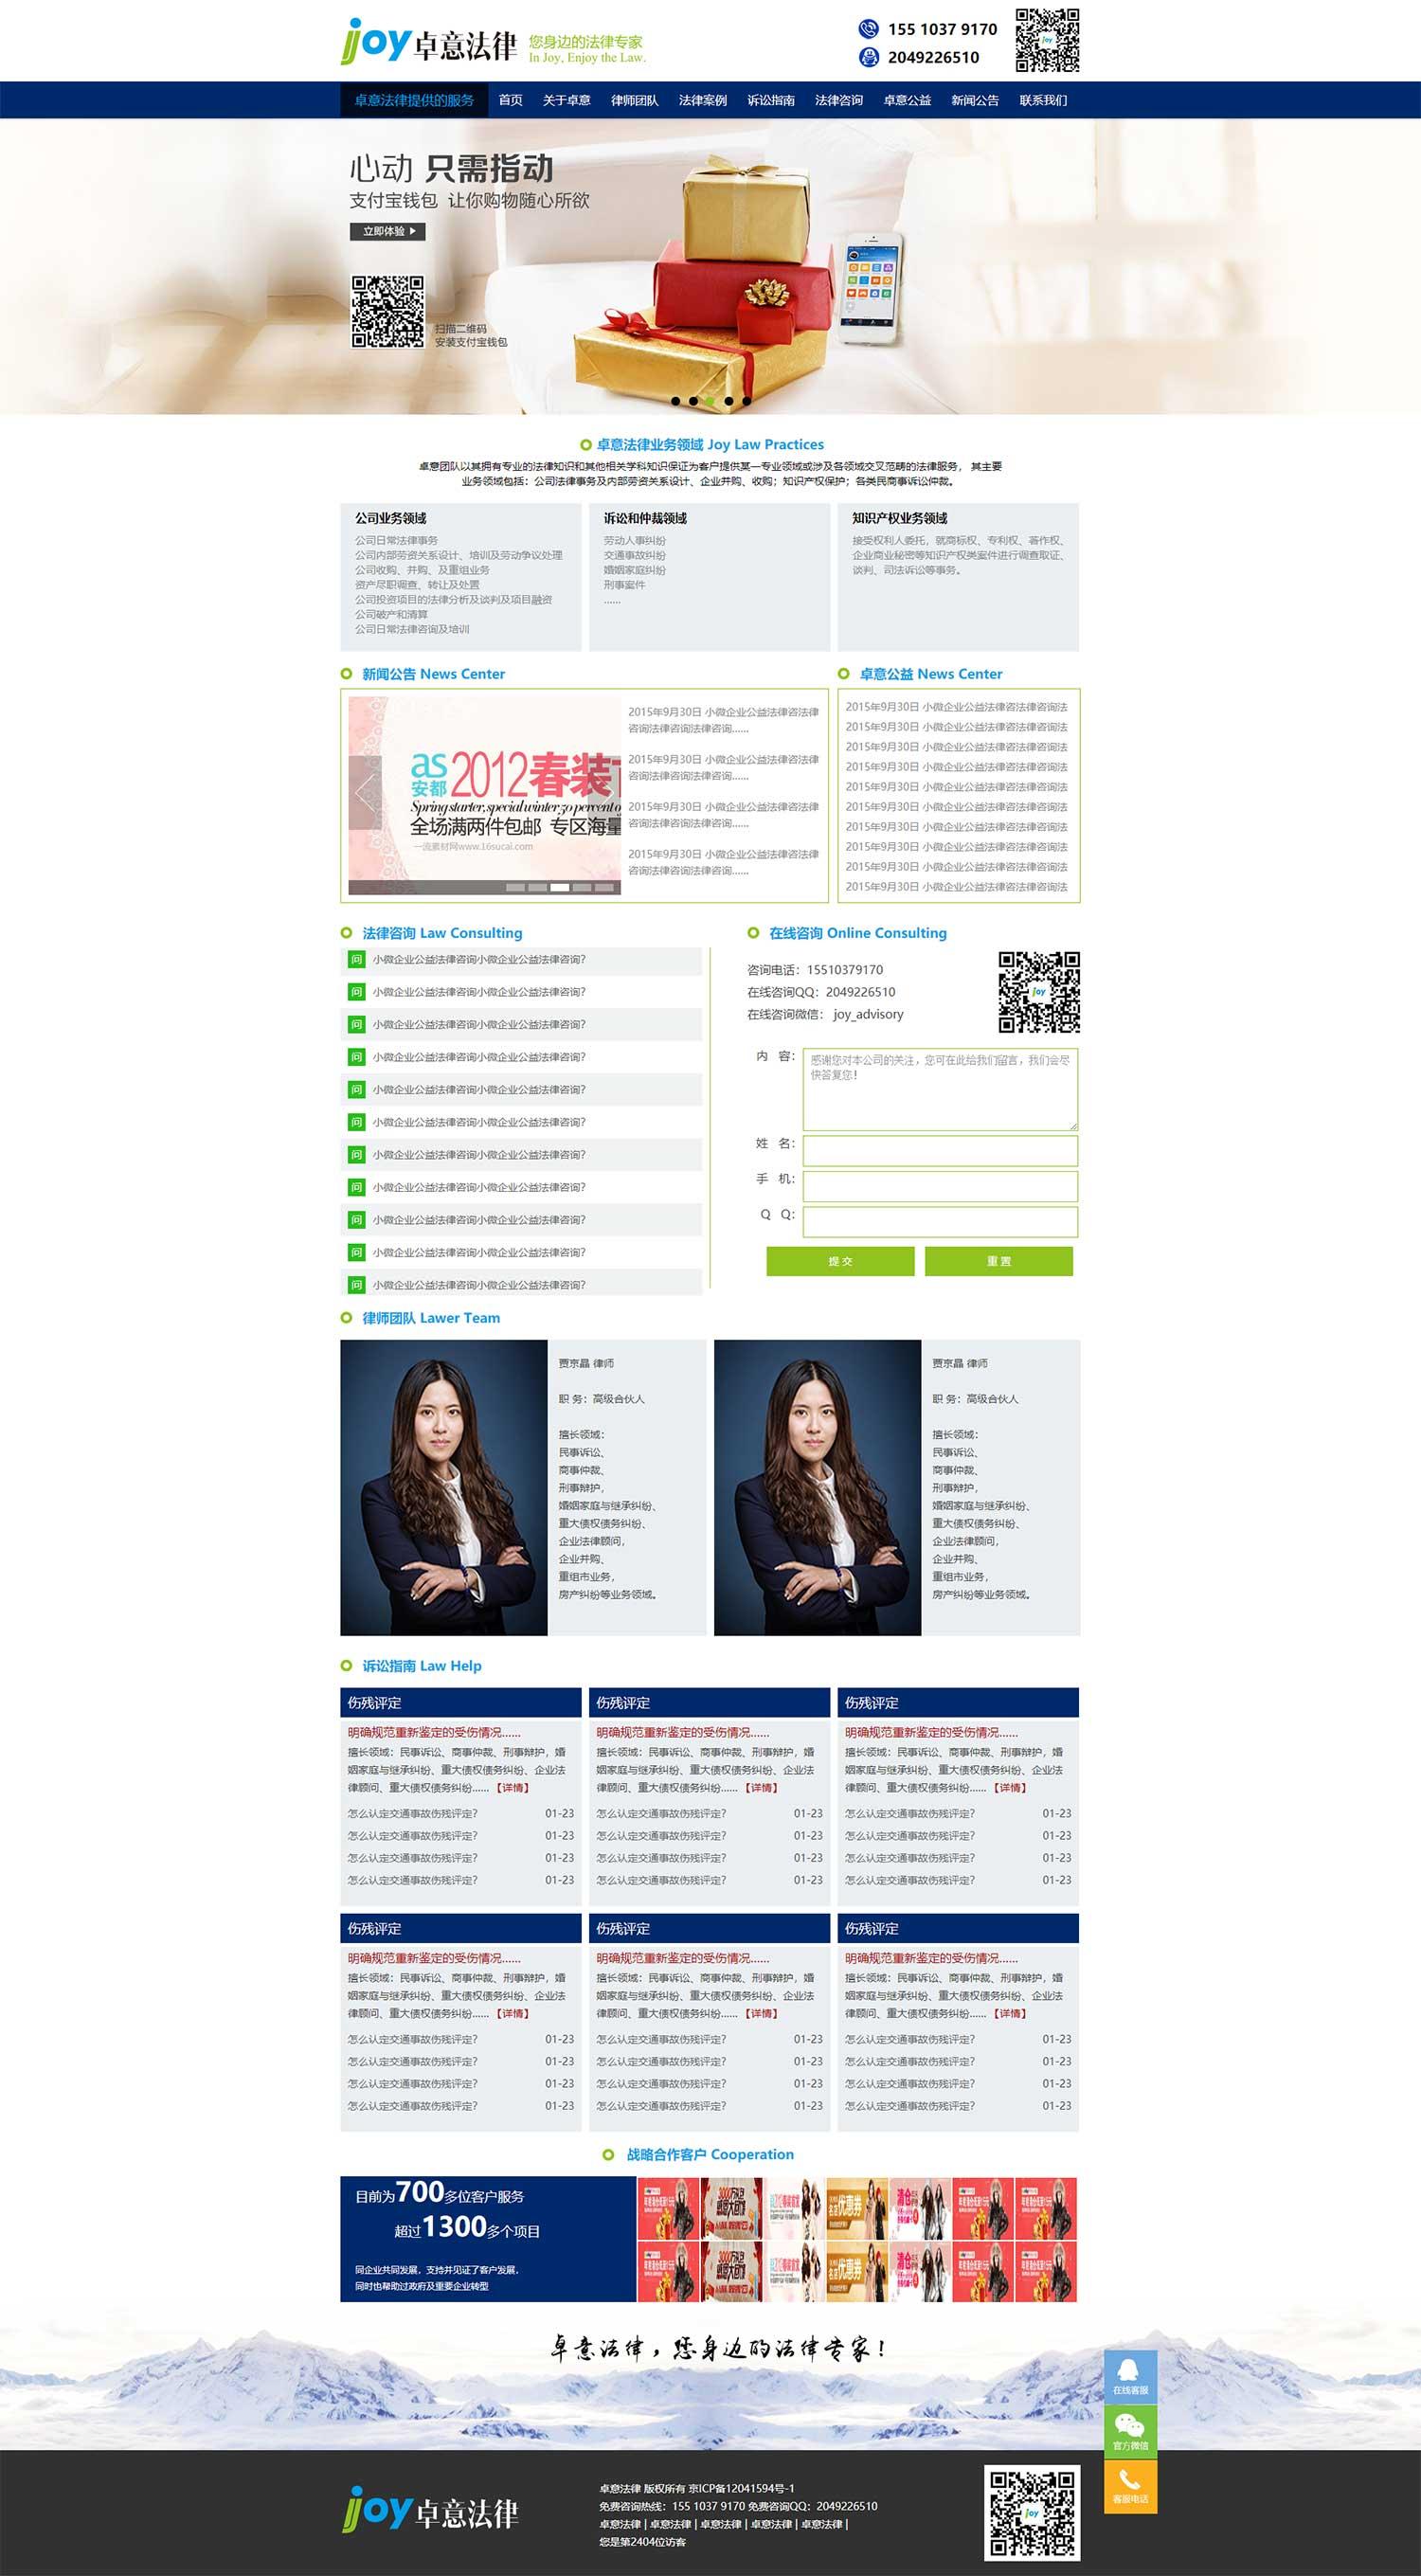 蓝色的卓意法律事务所网站html模板